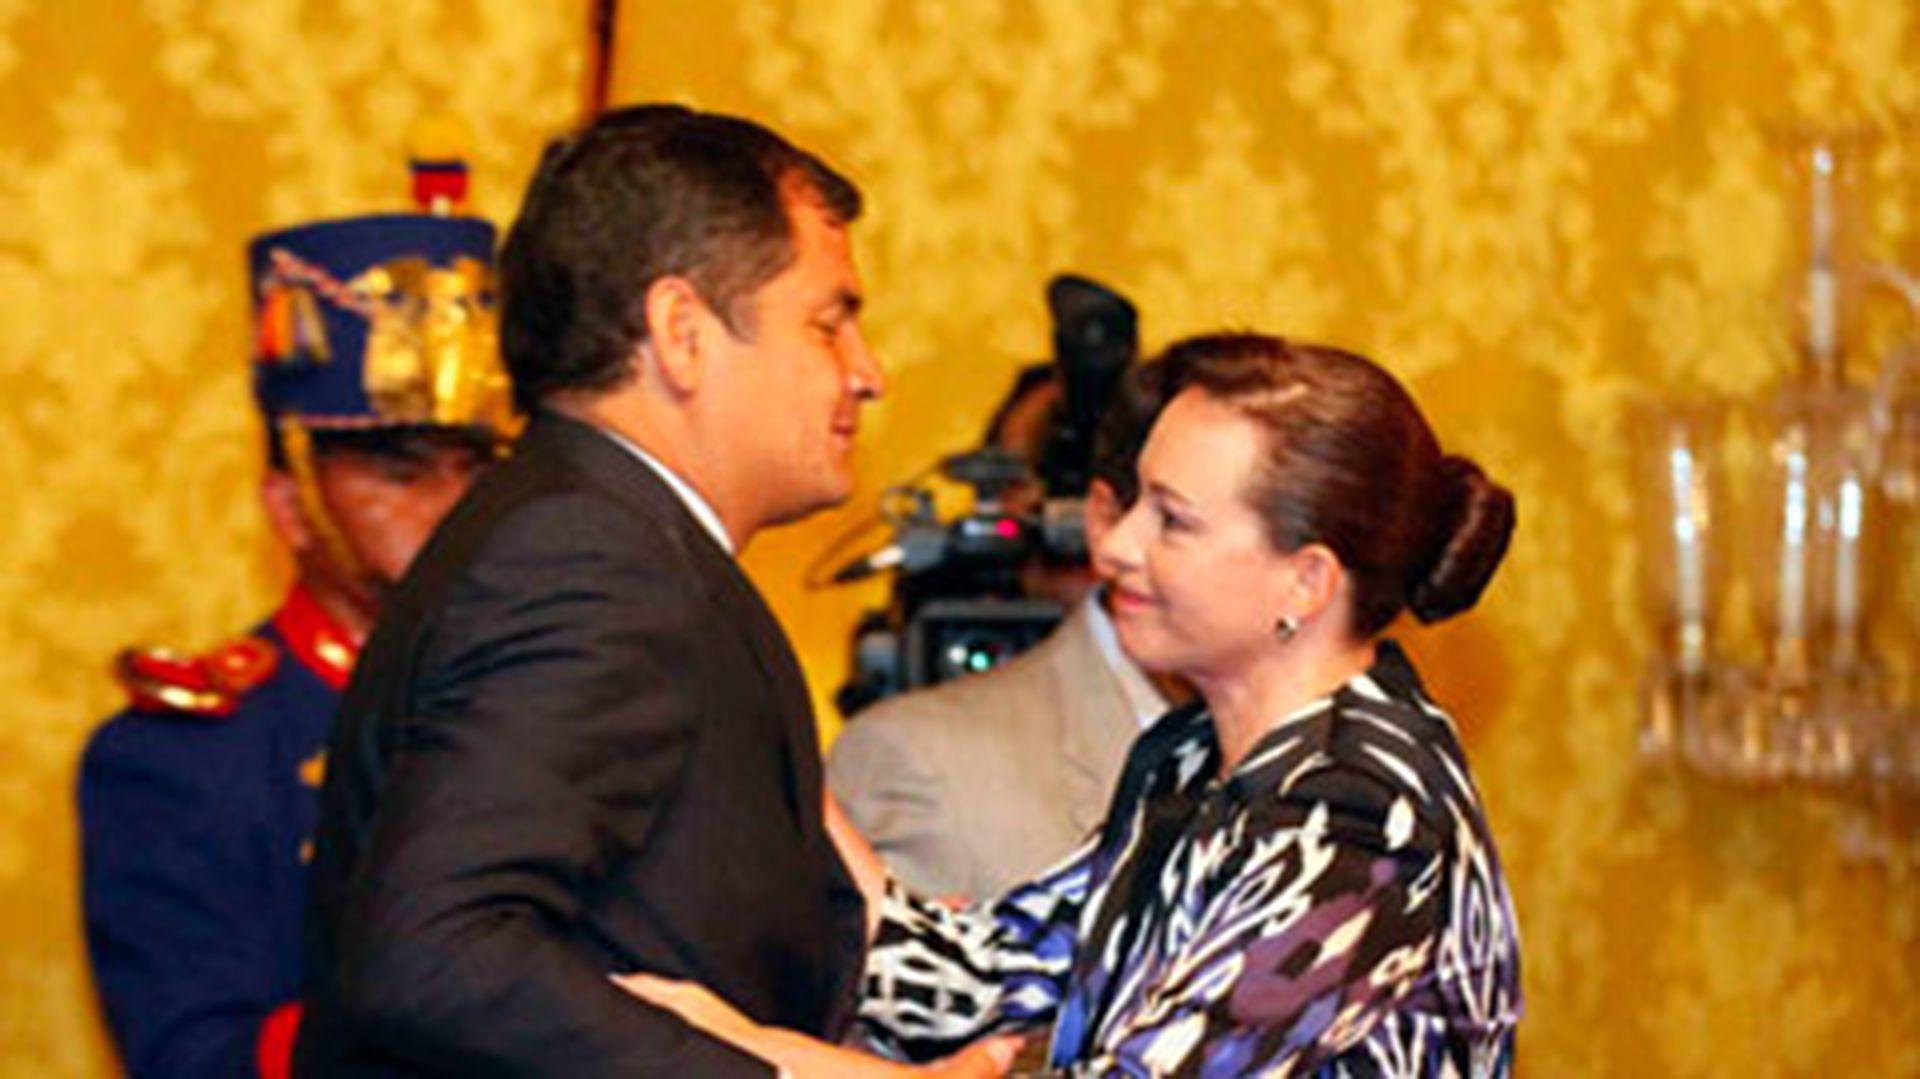 María Fernanda Espinosa y Rafael Correa (Ministerio de Defensa Nacional de Ecuador)